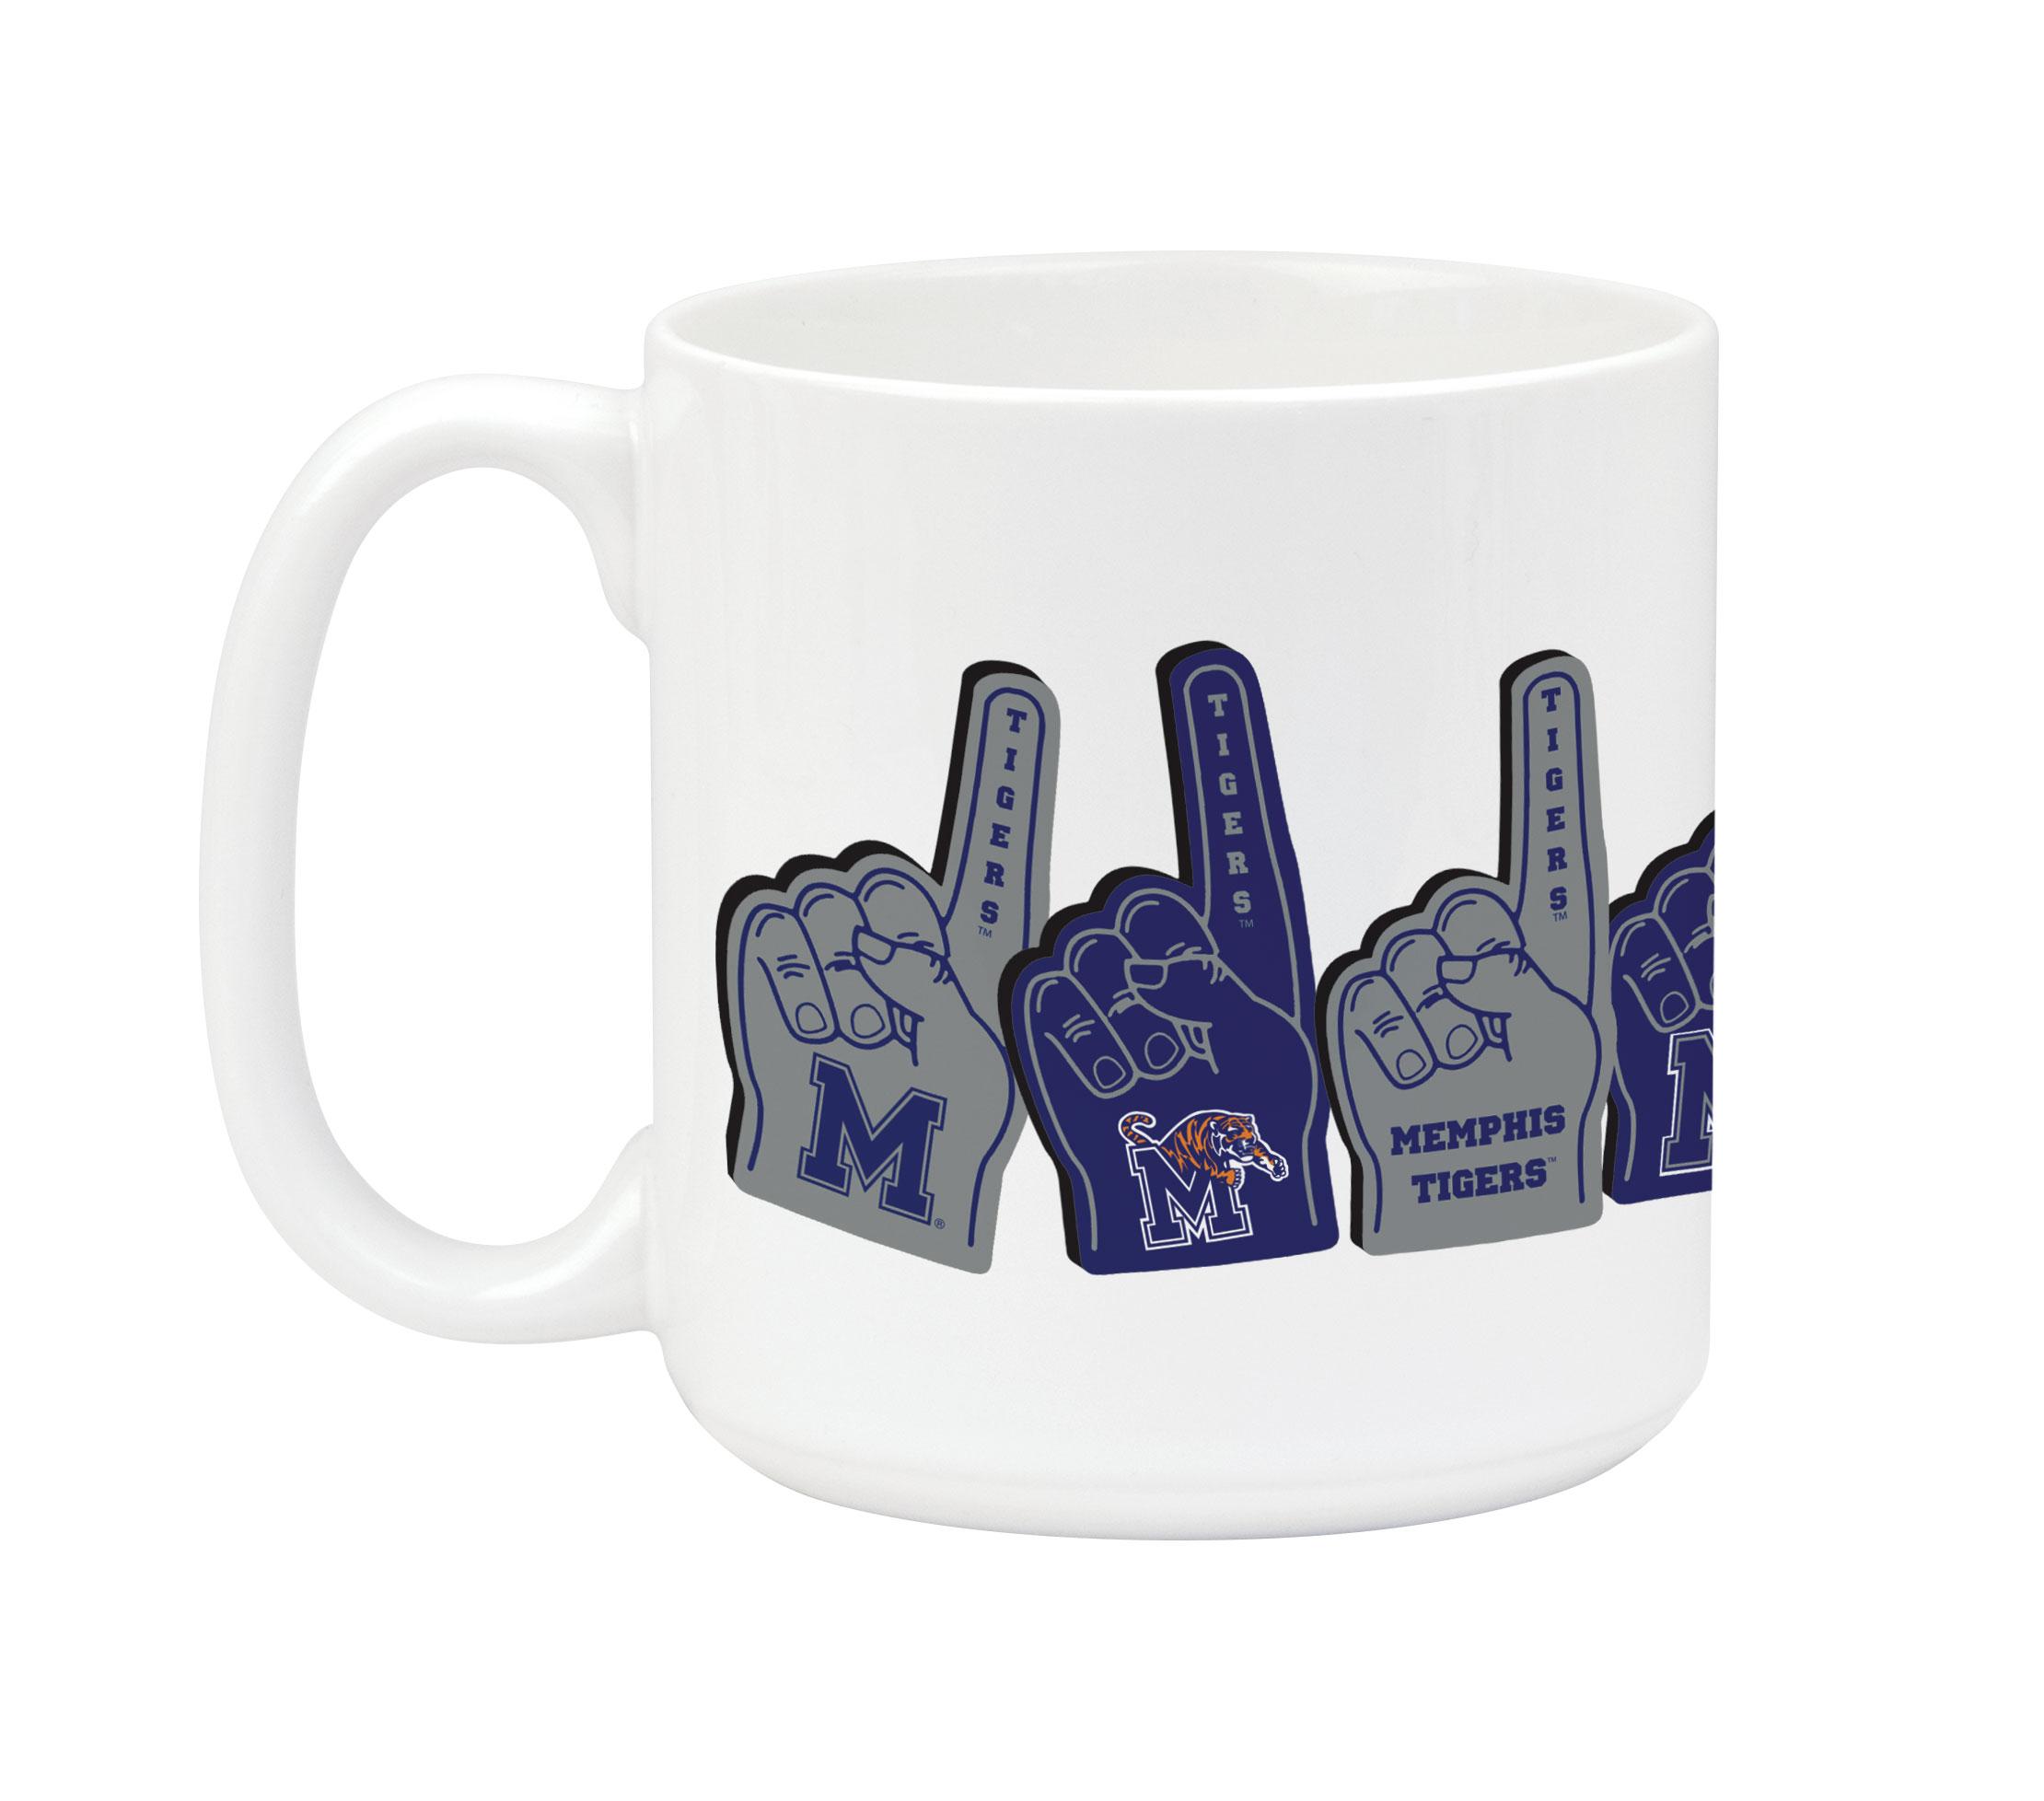 University of Memphis Foam Finger Mug